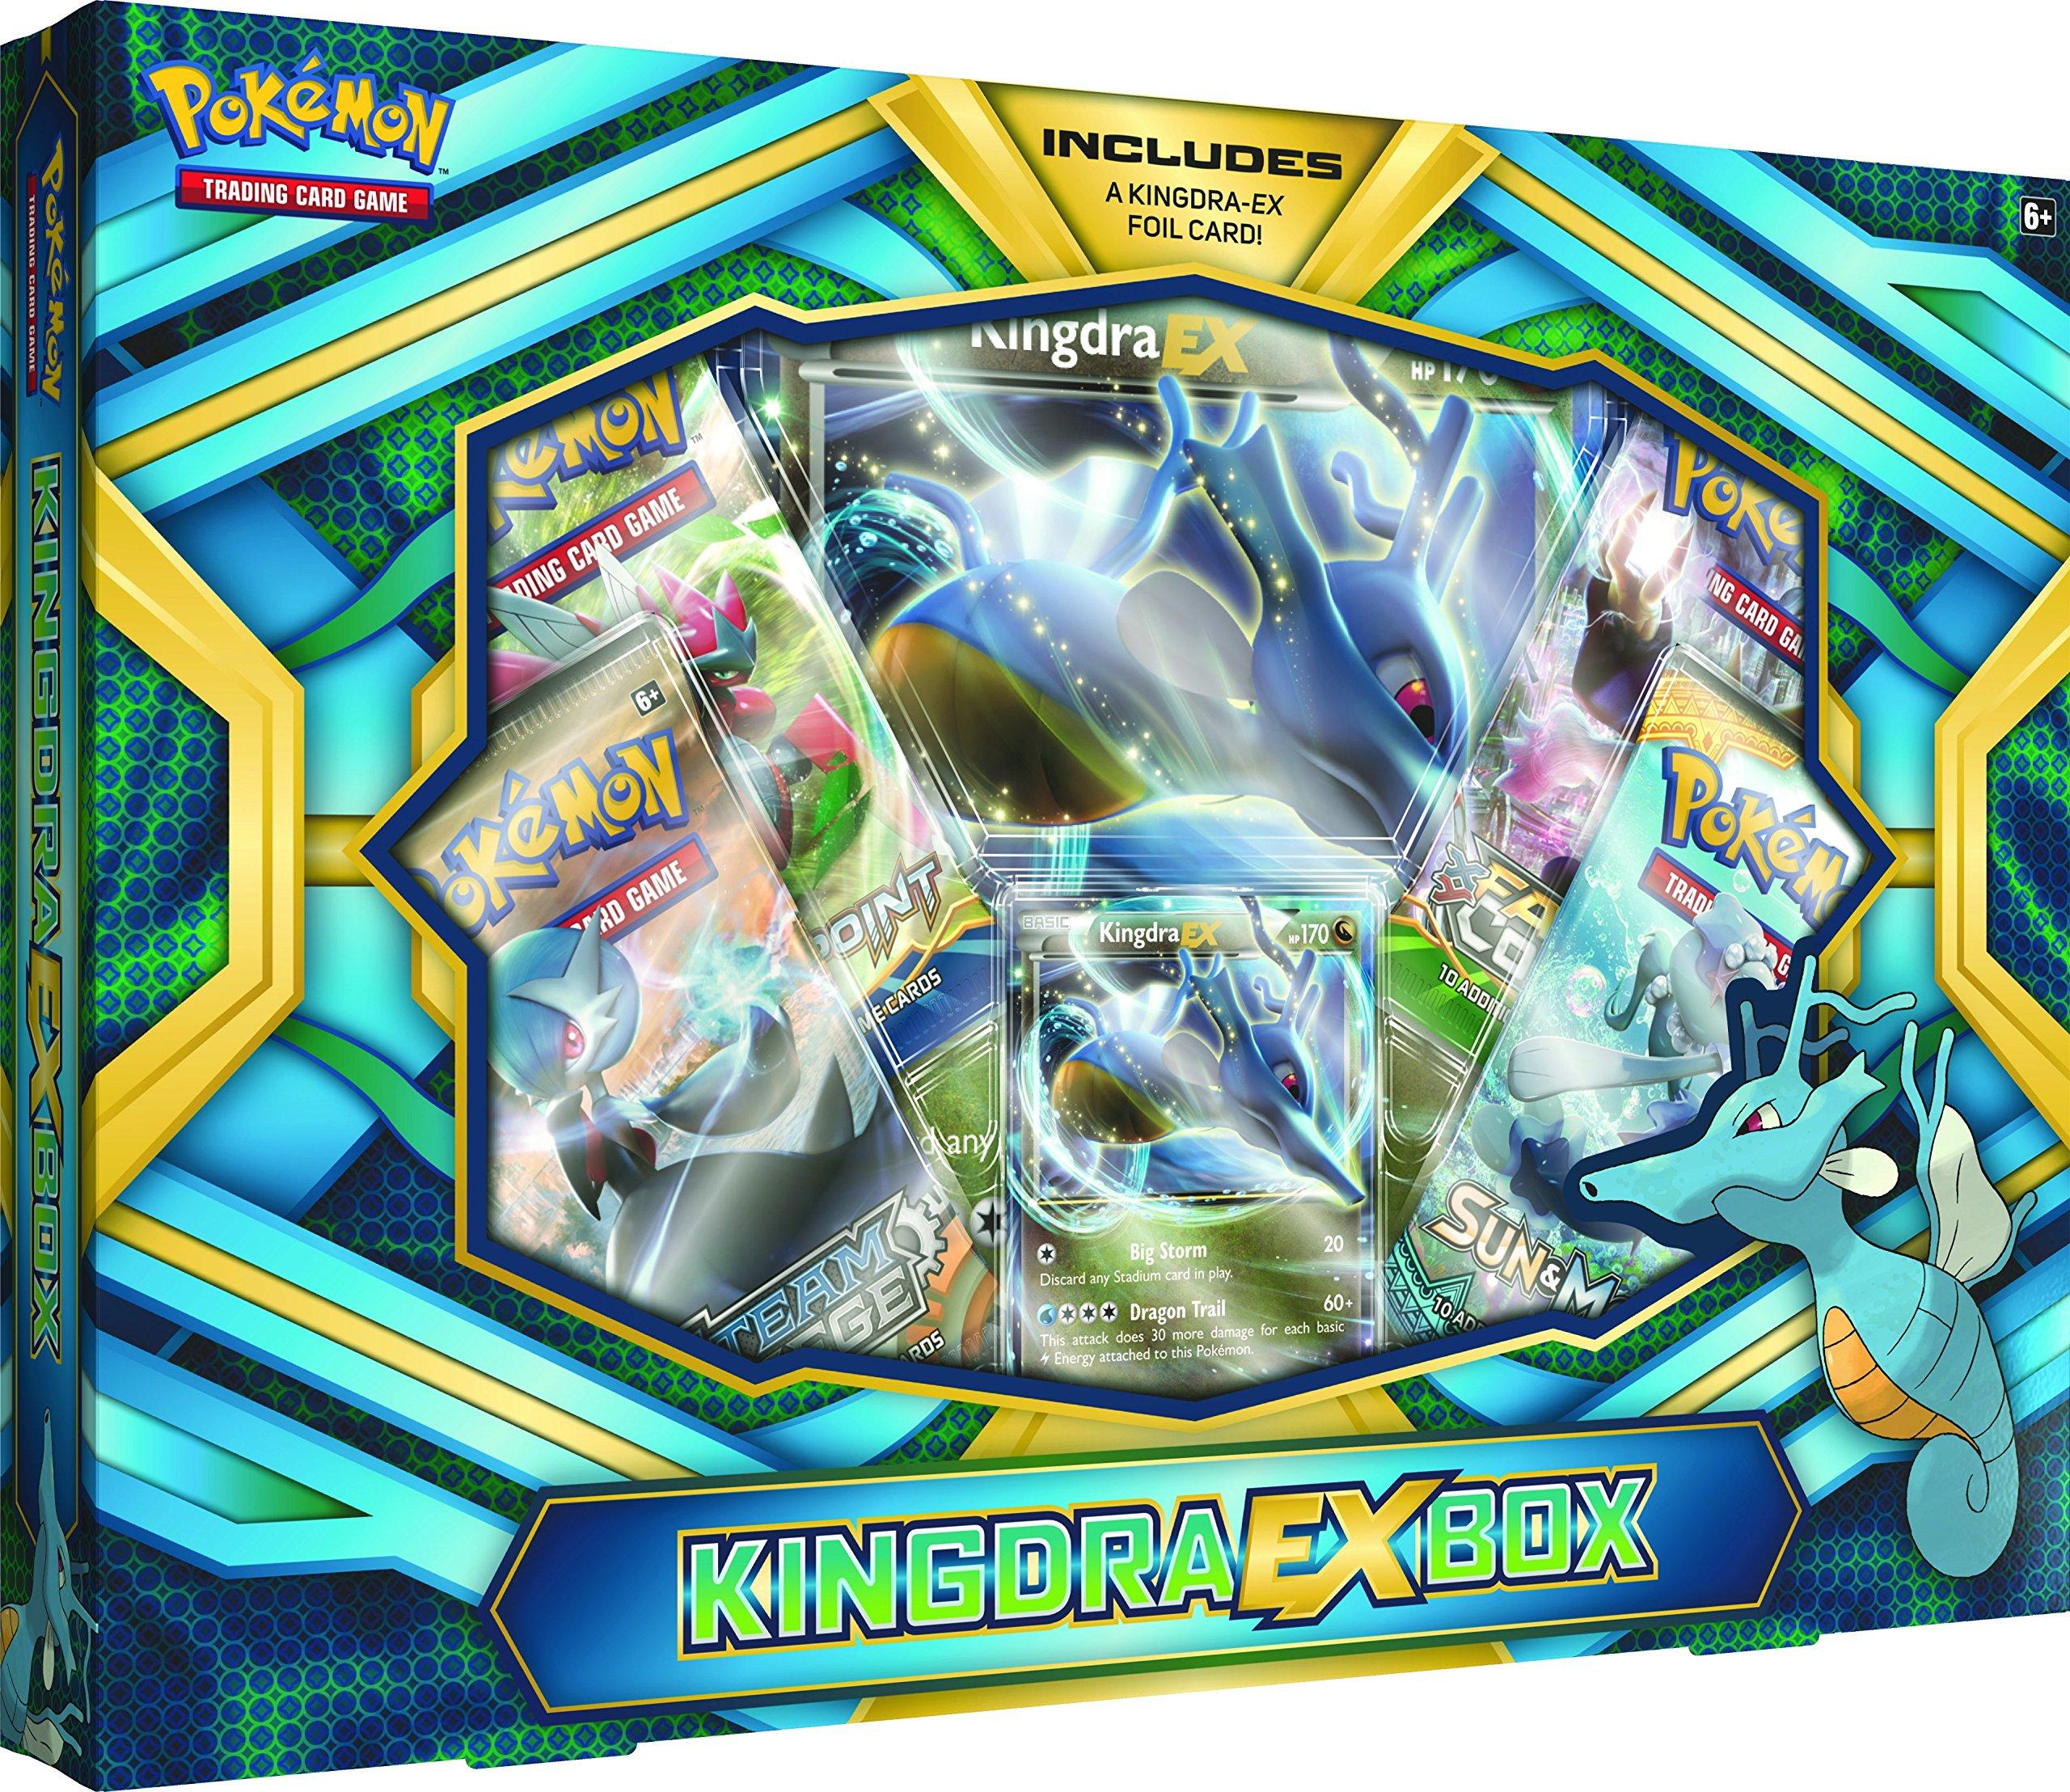 Pokemon TCG: Kingdra-Ex Box Card Game by Pokémon